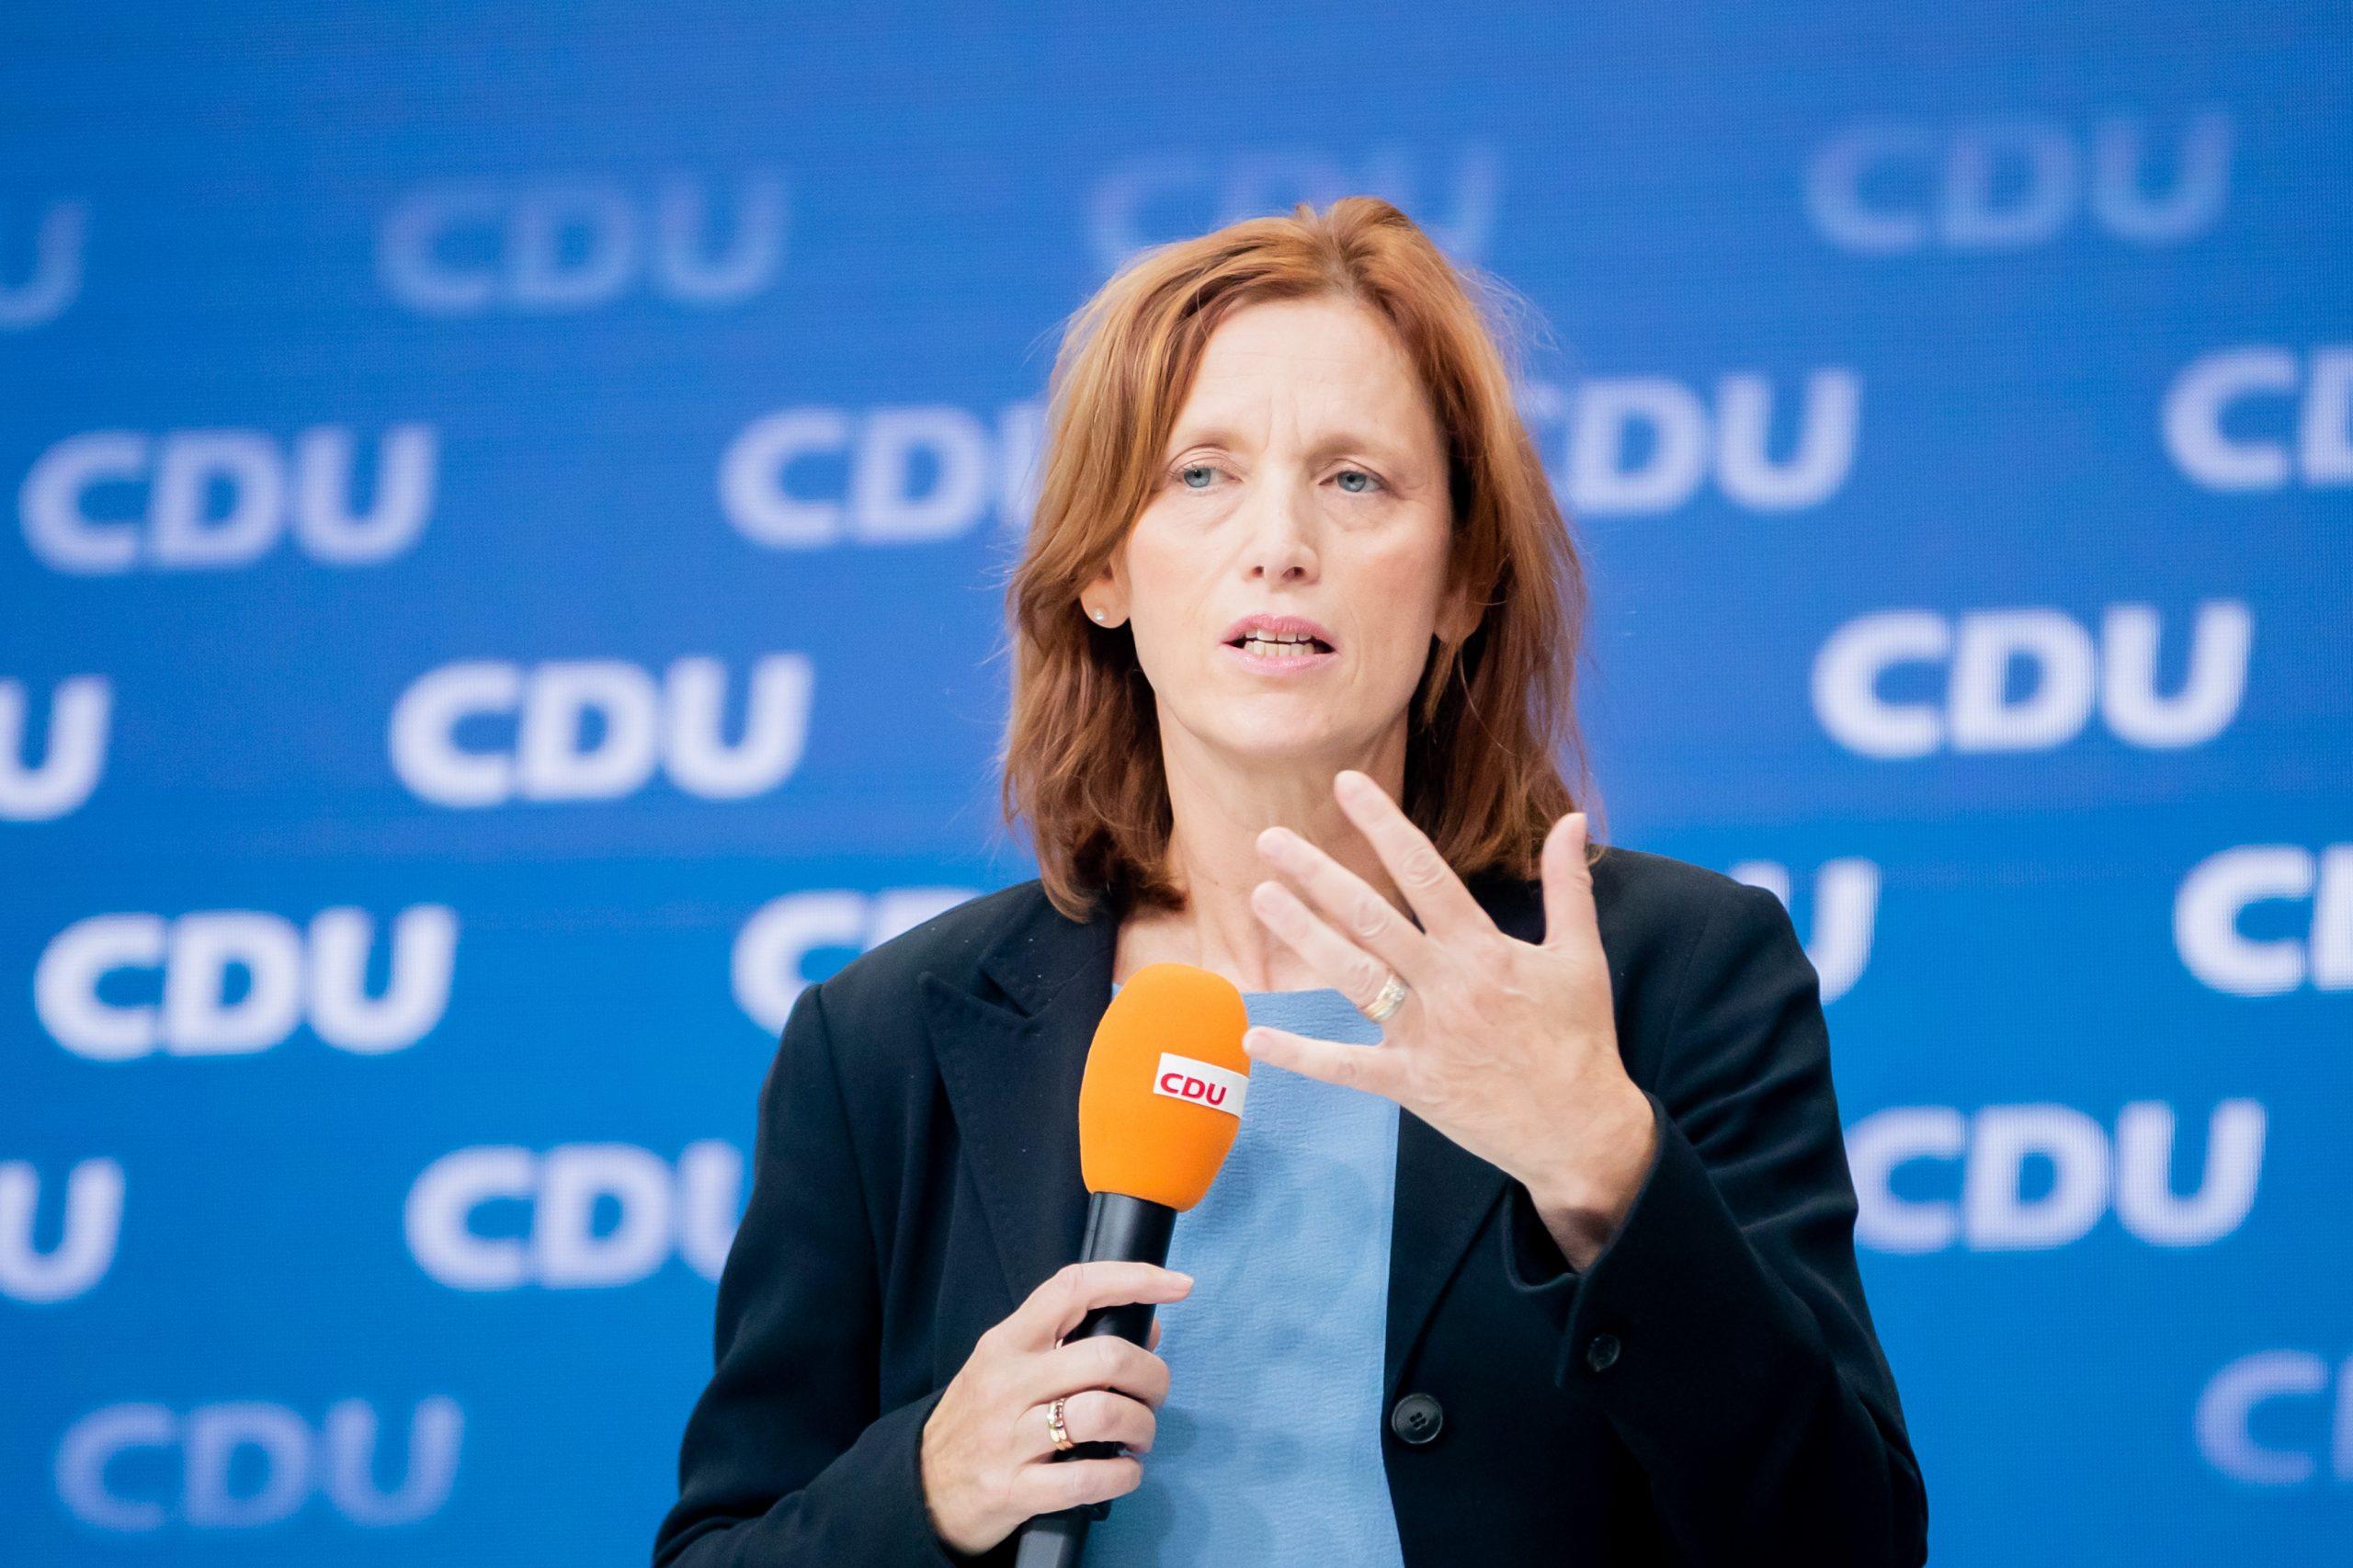 Karin Prien fordert eine Frauenquote in der CDU